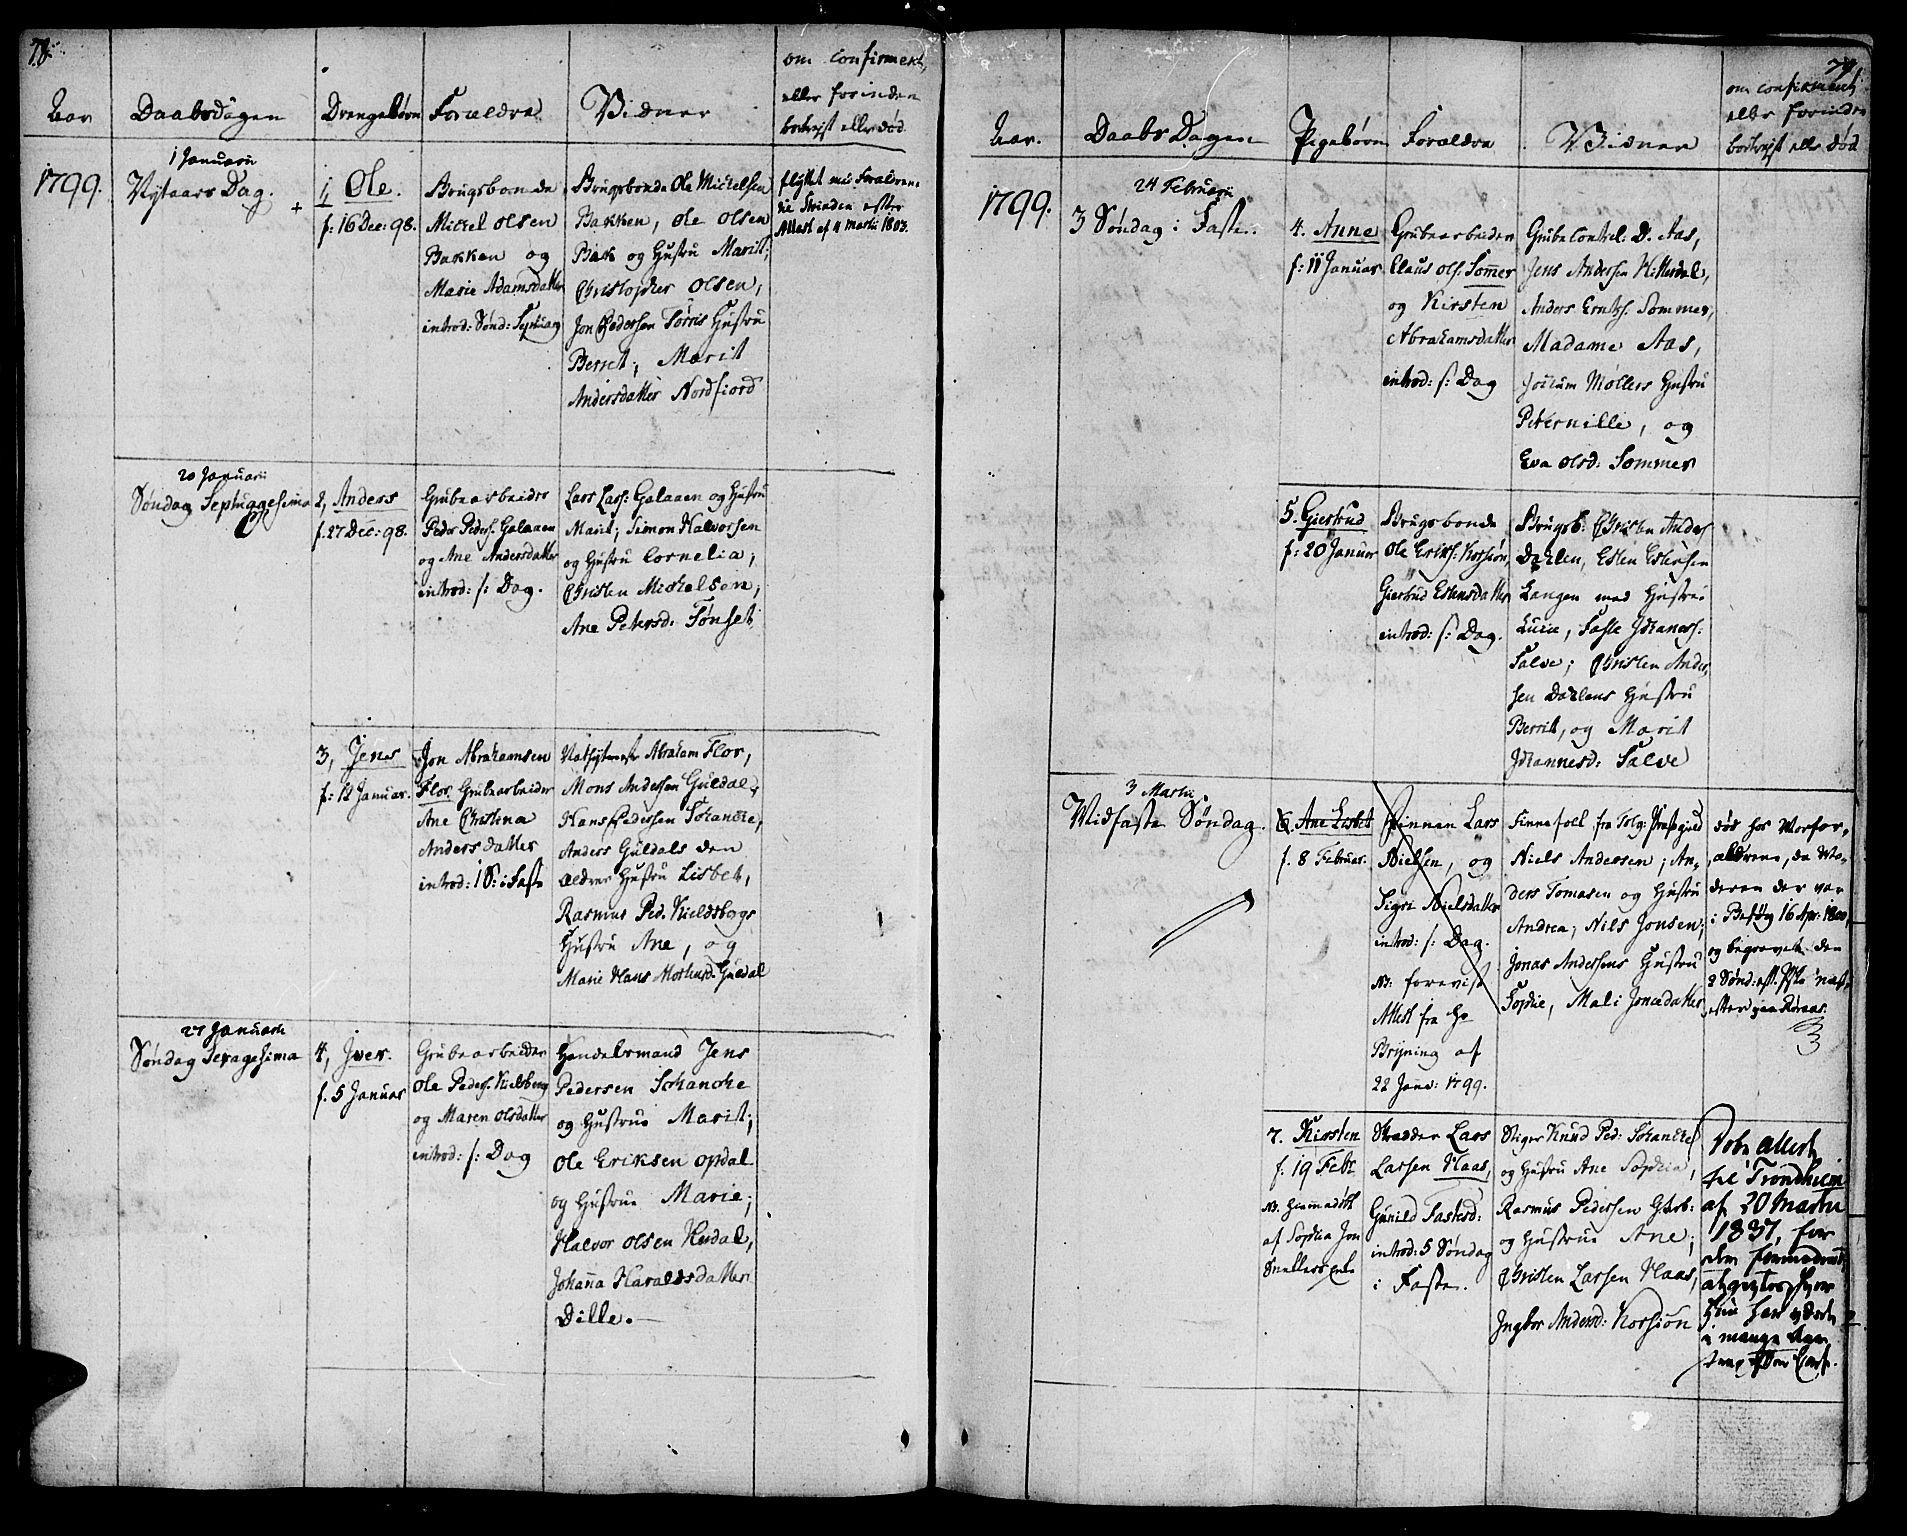 SAT, Ministerialprotokoller, klokkerbøker og fødselsregistre - Sør-Trøndelag, 681/L0927: Ministerialbok nr. 681A05, 1798-1808, s. 78-79